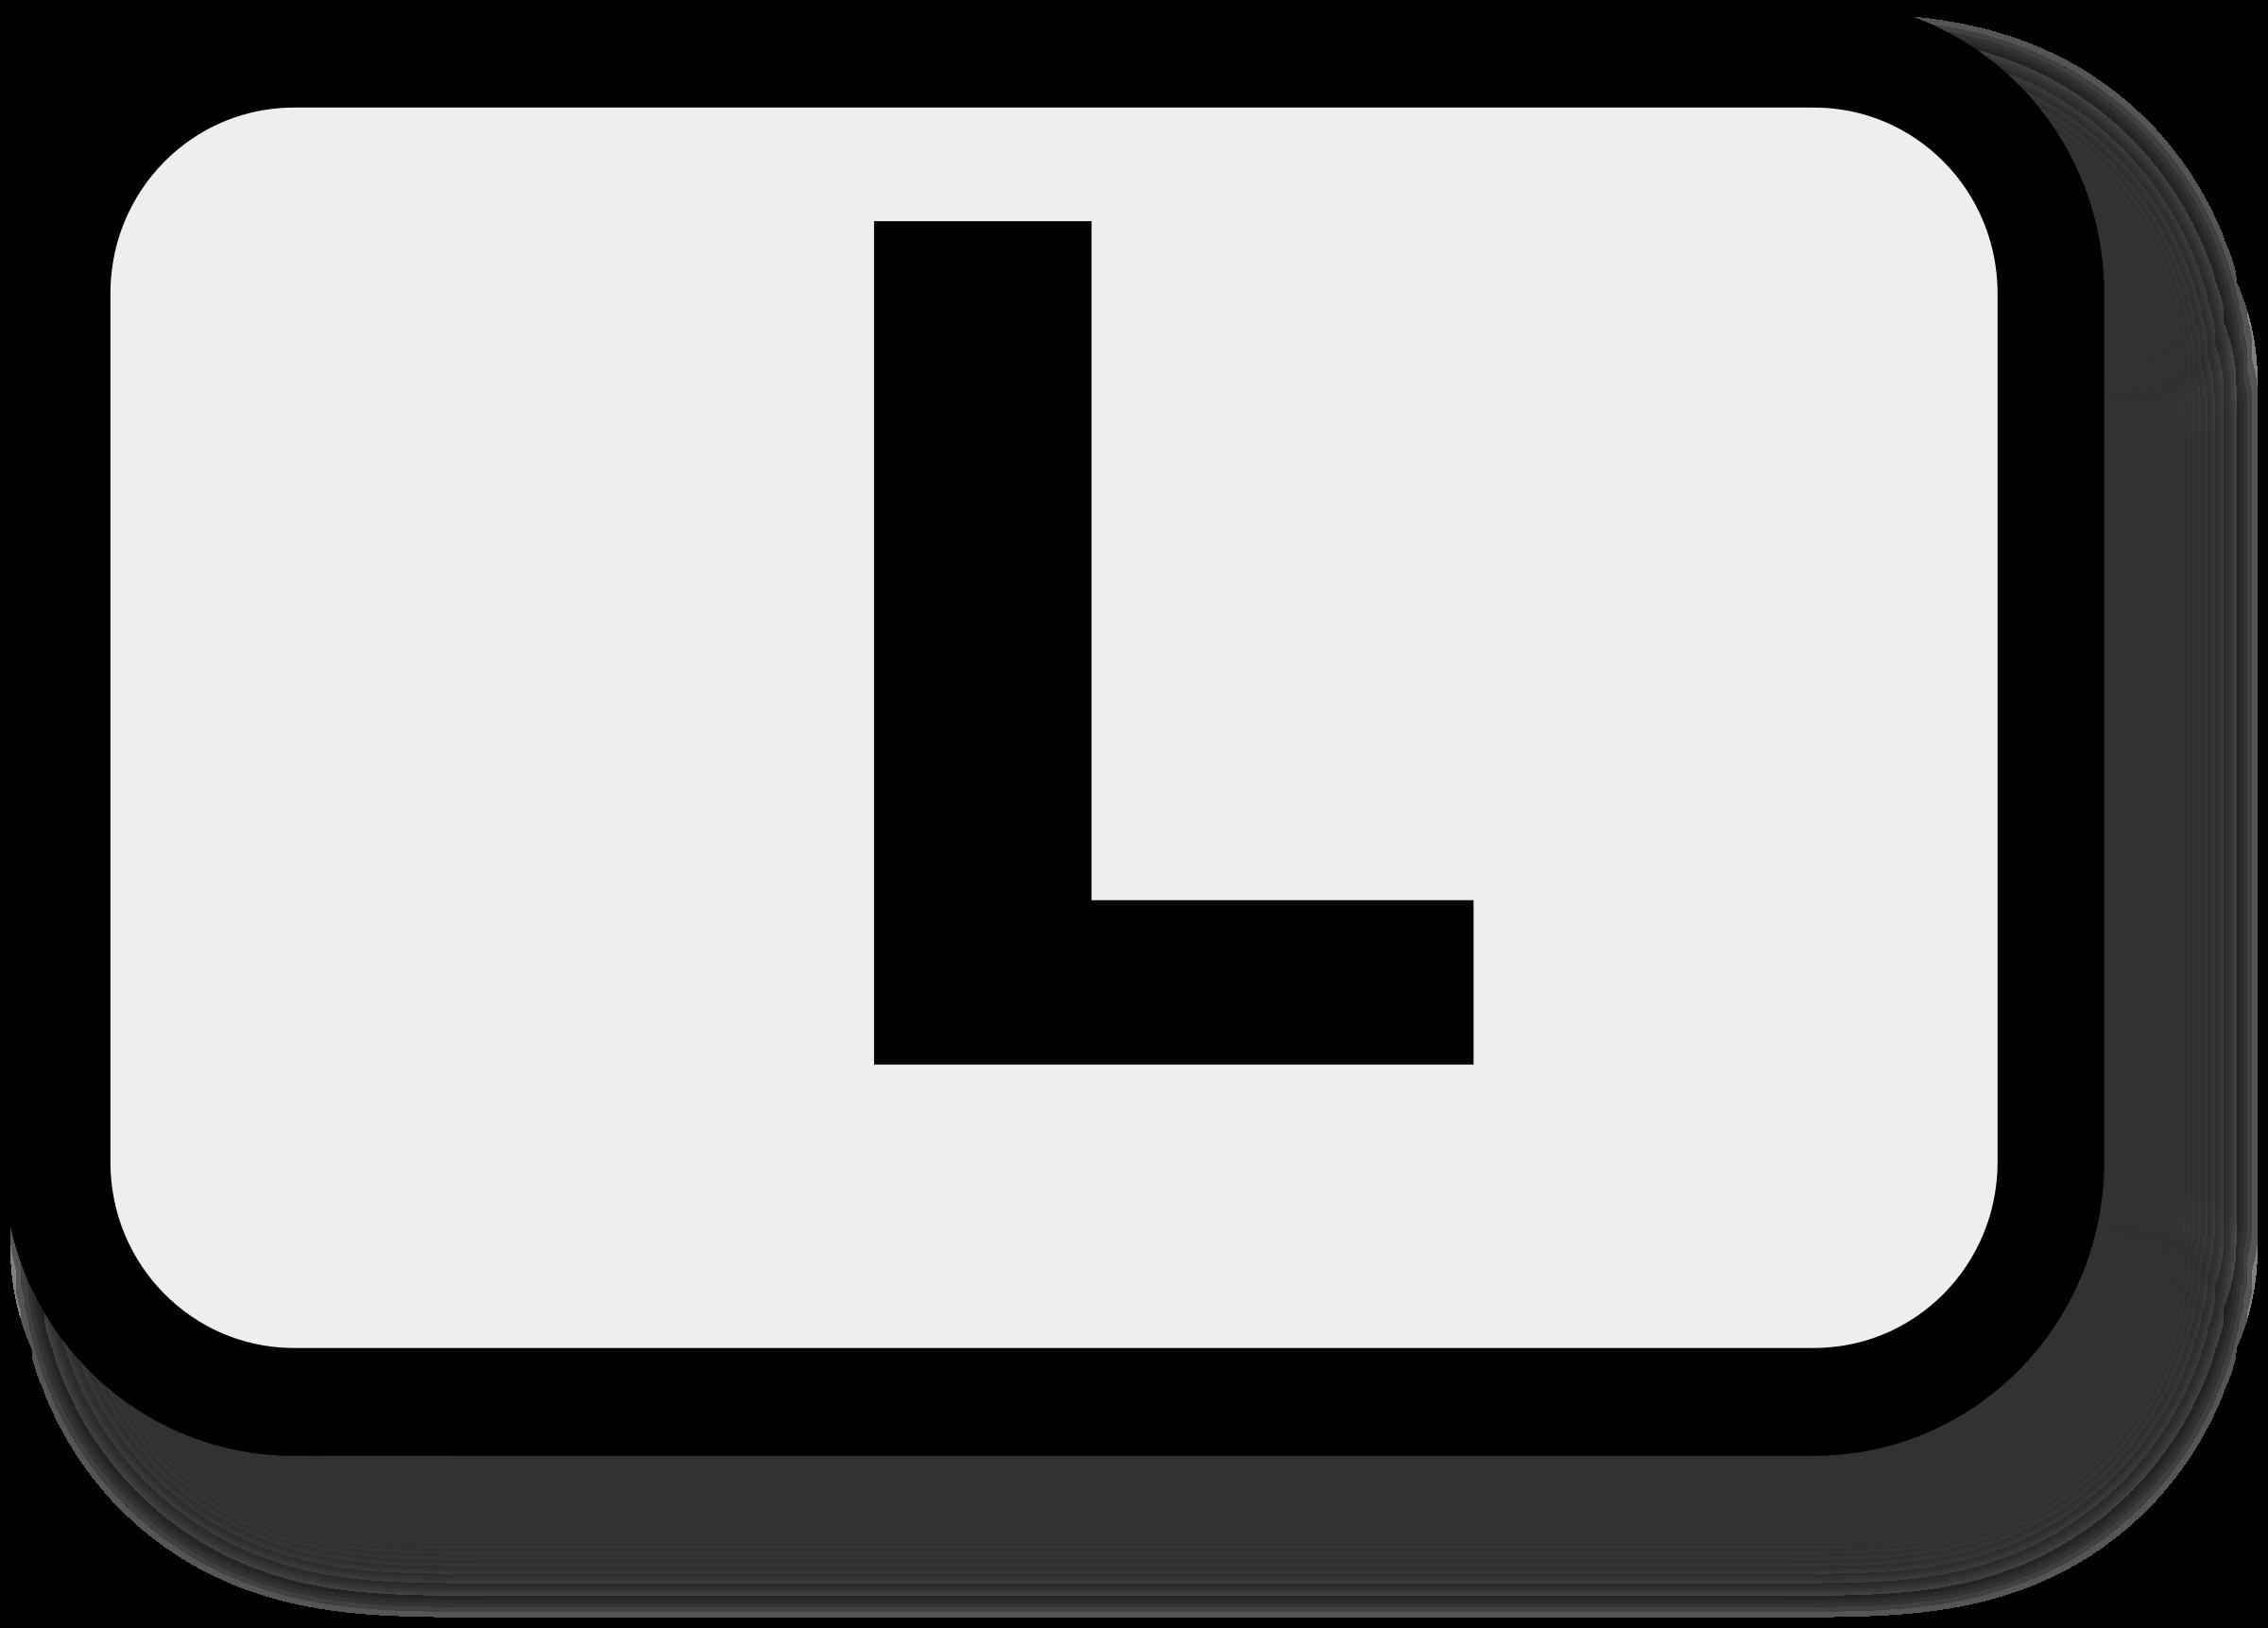 clipart - letter l